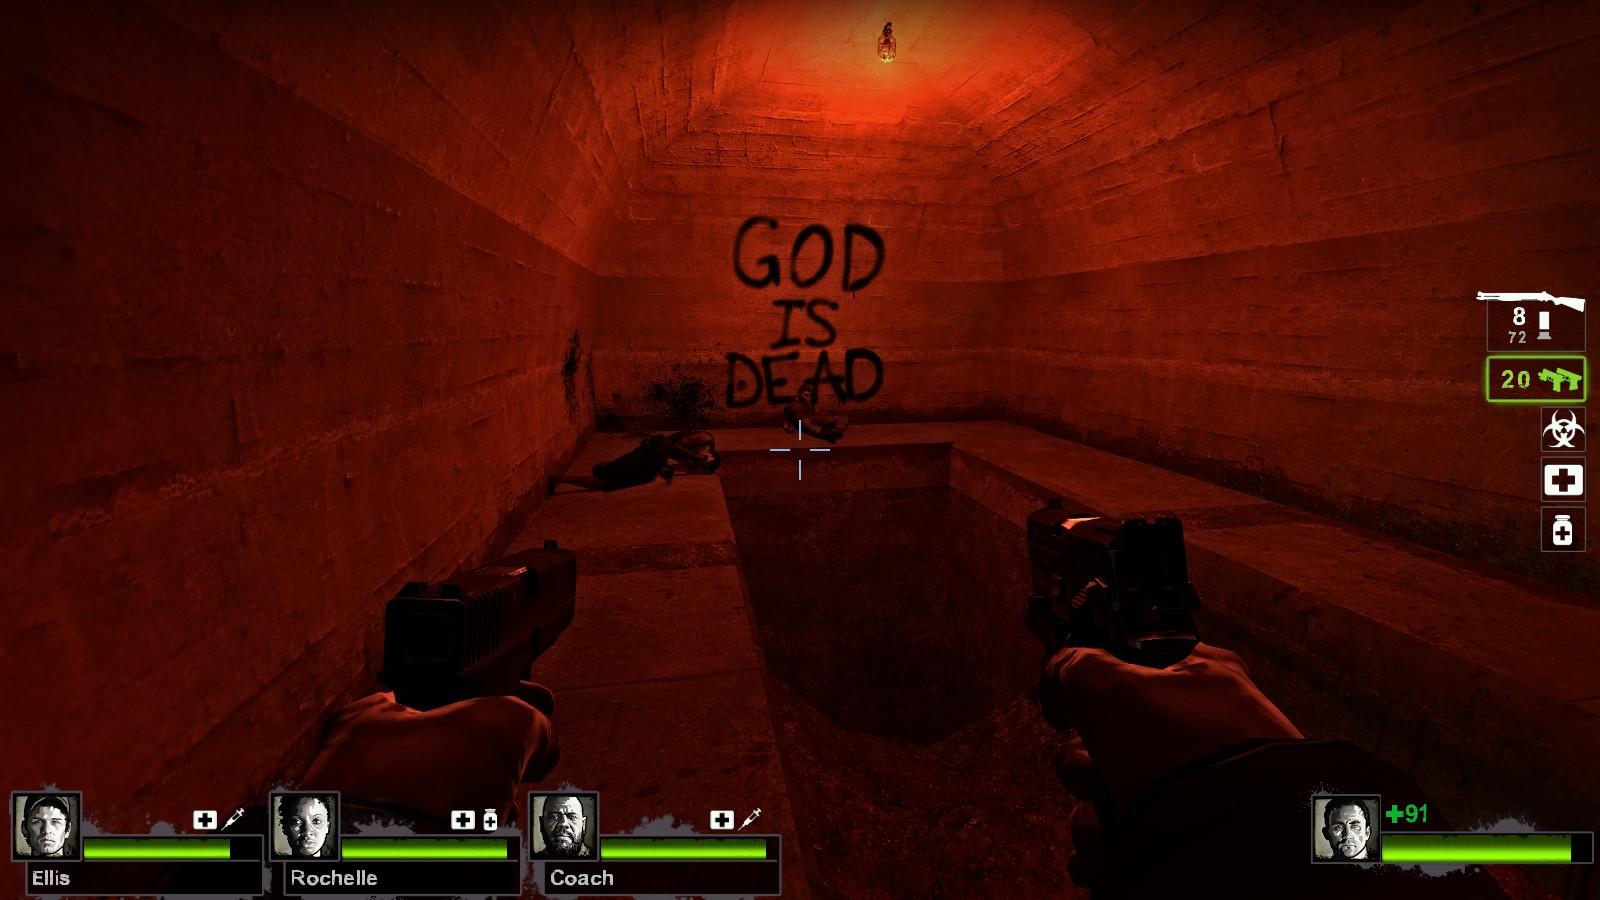 Left 4 Dead 2 - Day Break - God Is Dead